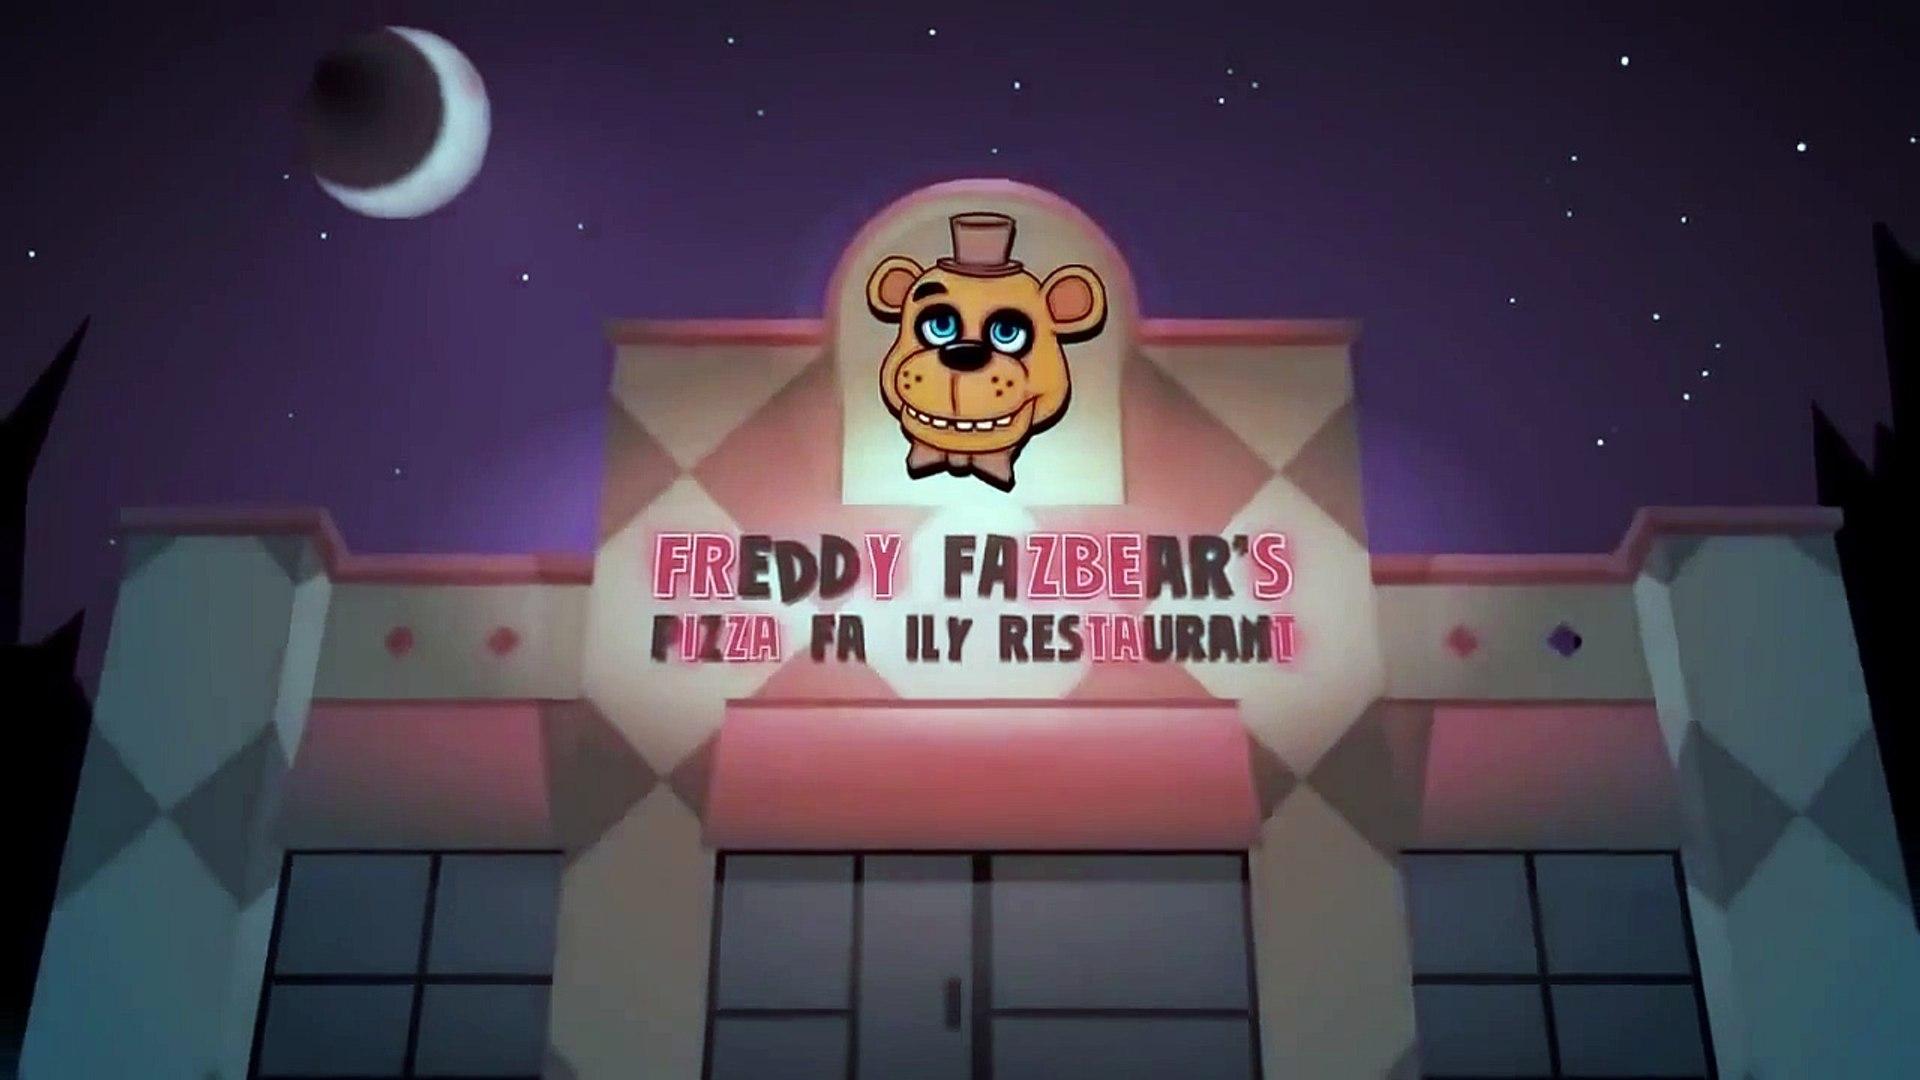 Майнкрафт Мультфильм 5 Ночей с мишкой Фредди.5 ночей с фредди мультик